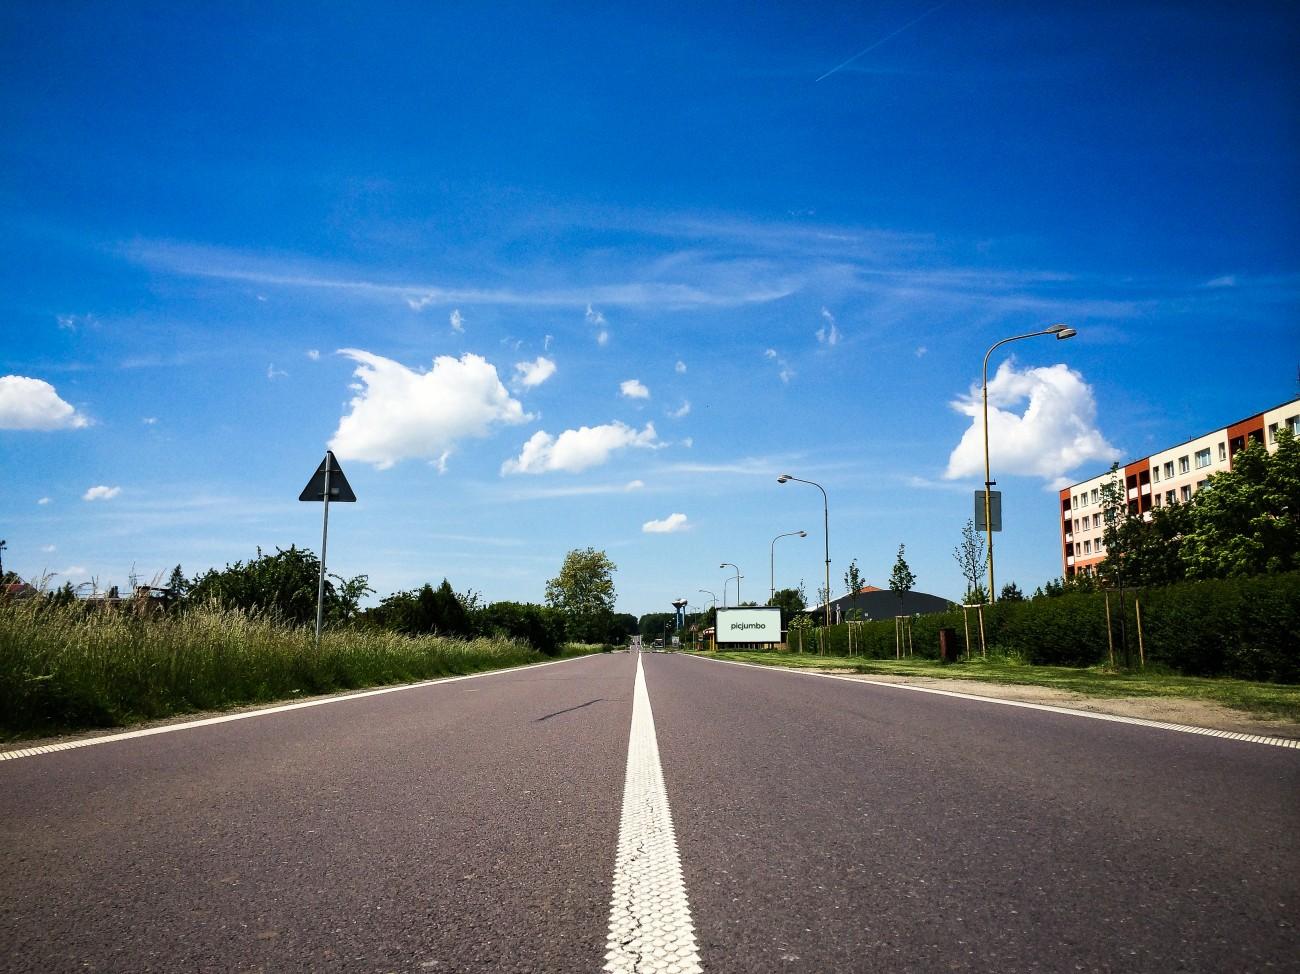 road-1300x974